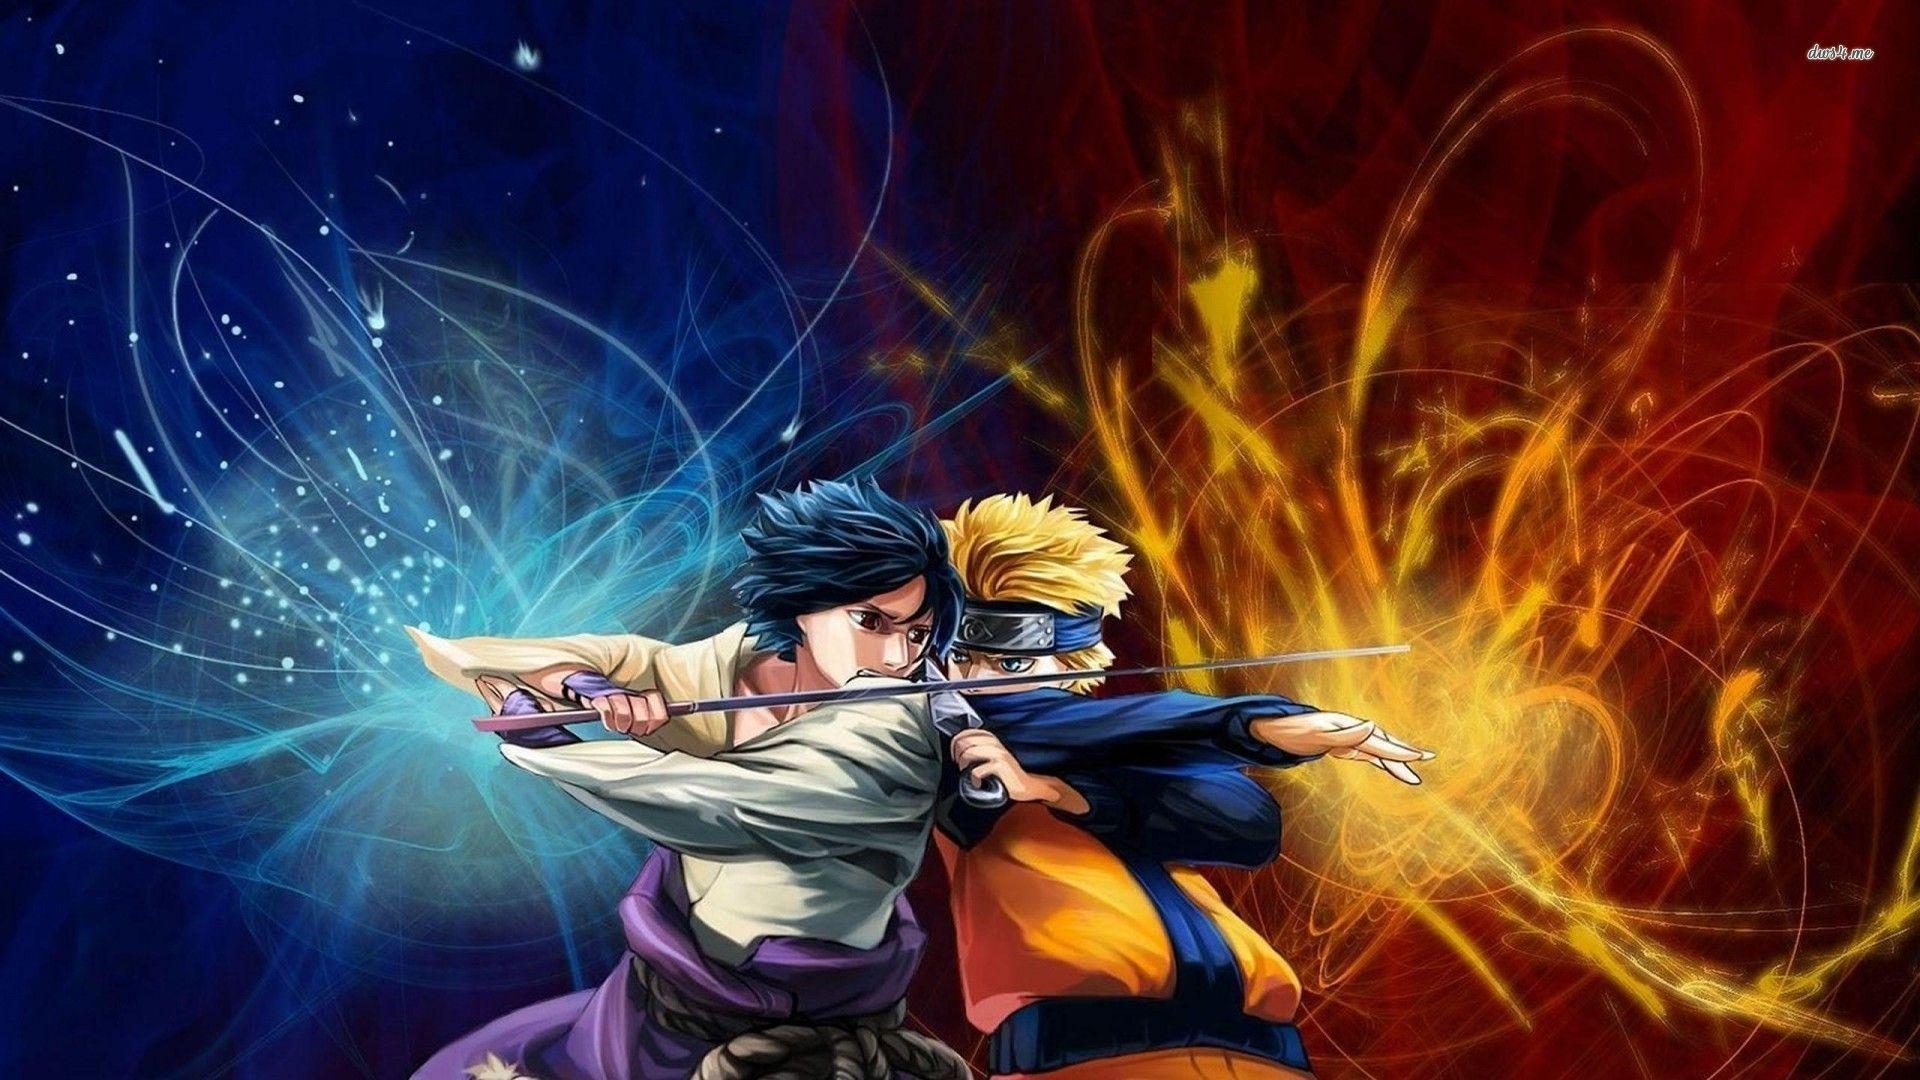 Naruto Shippuden Vs Sasuke Uchiha Wallpaper HD 1920x1080 518 | live wallpaper | Naruto vs sasuke ...